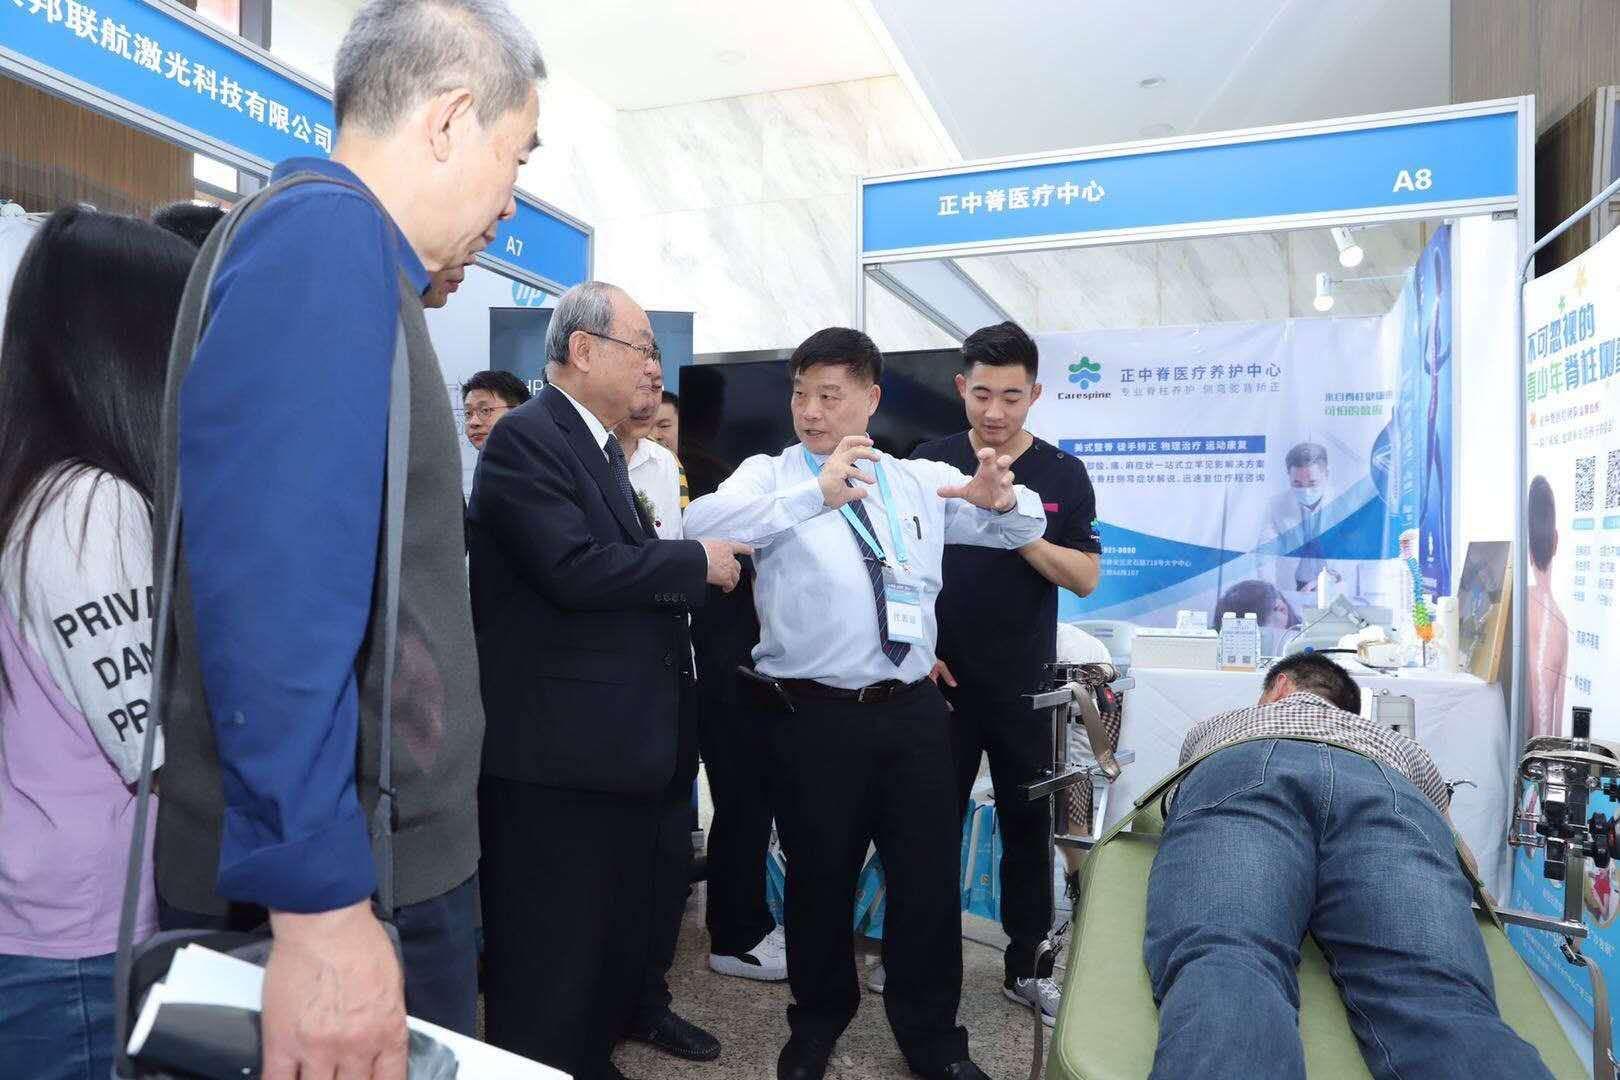 團隊參加上海骨科學術論壇